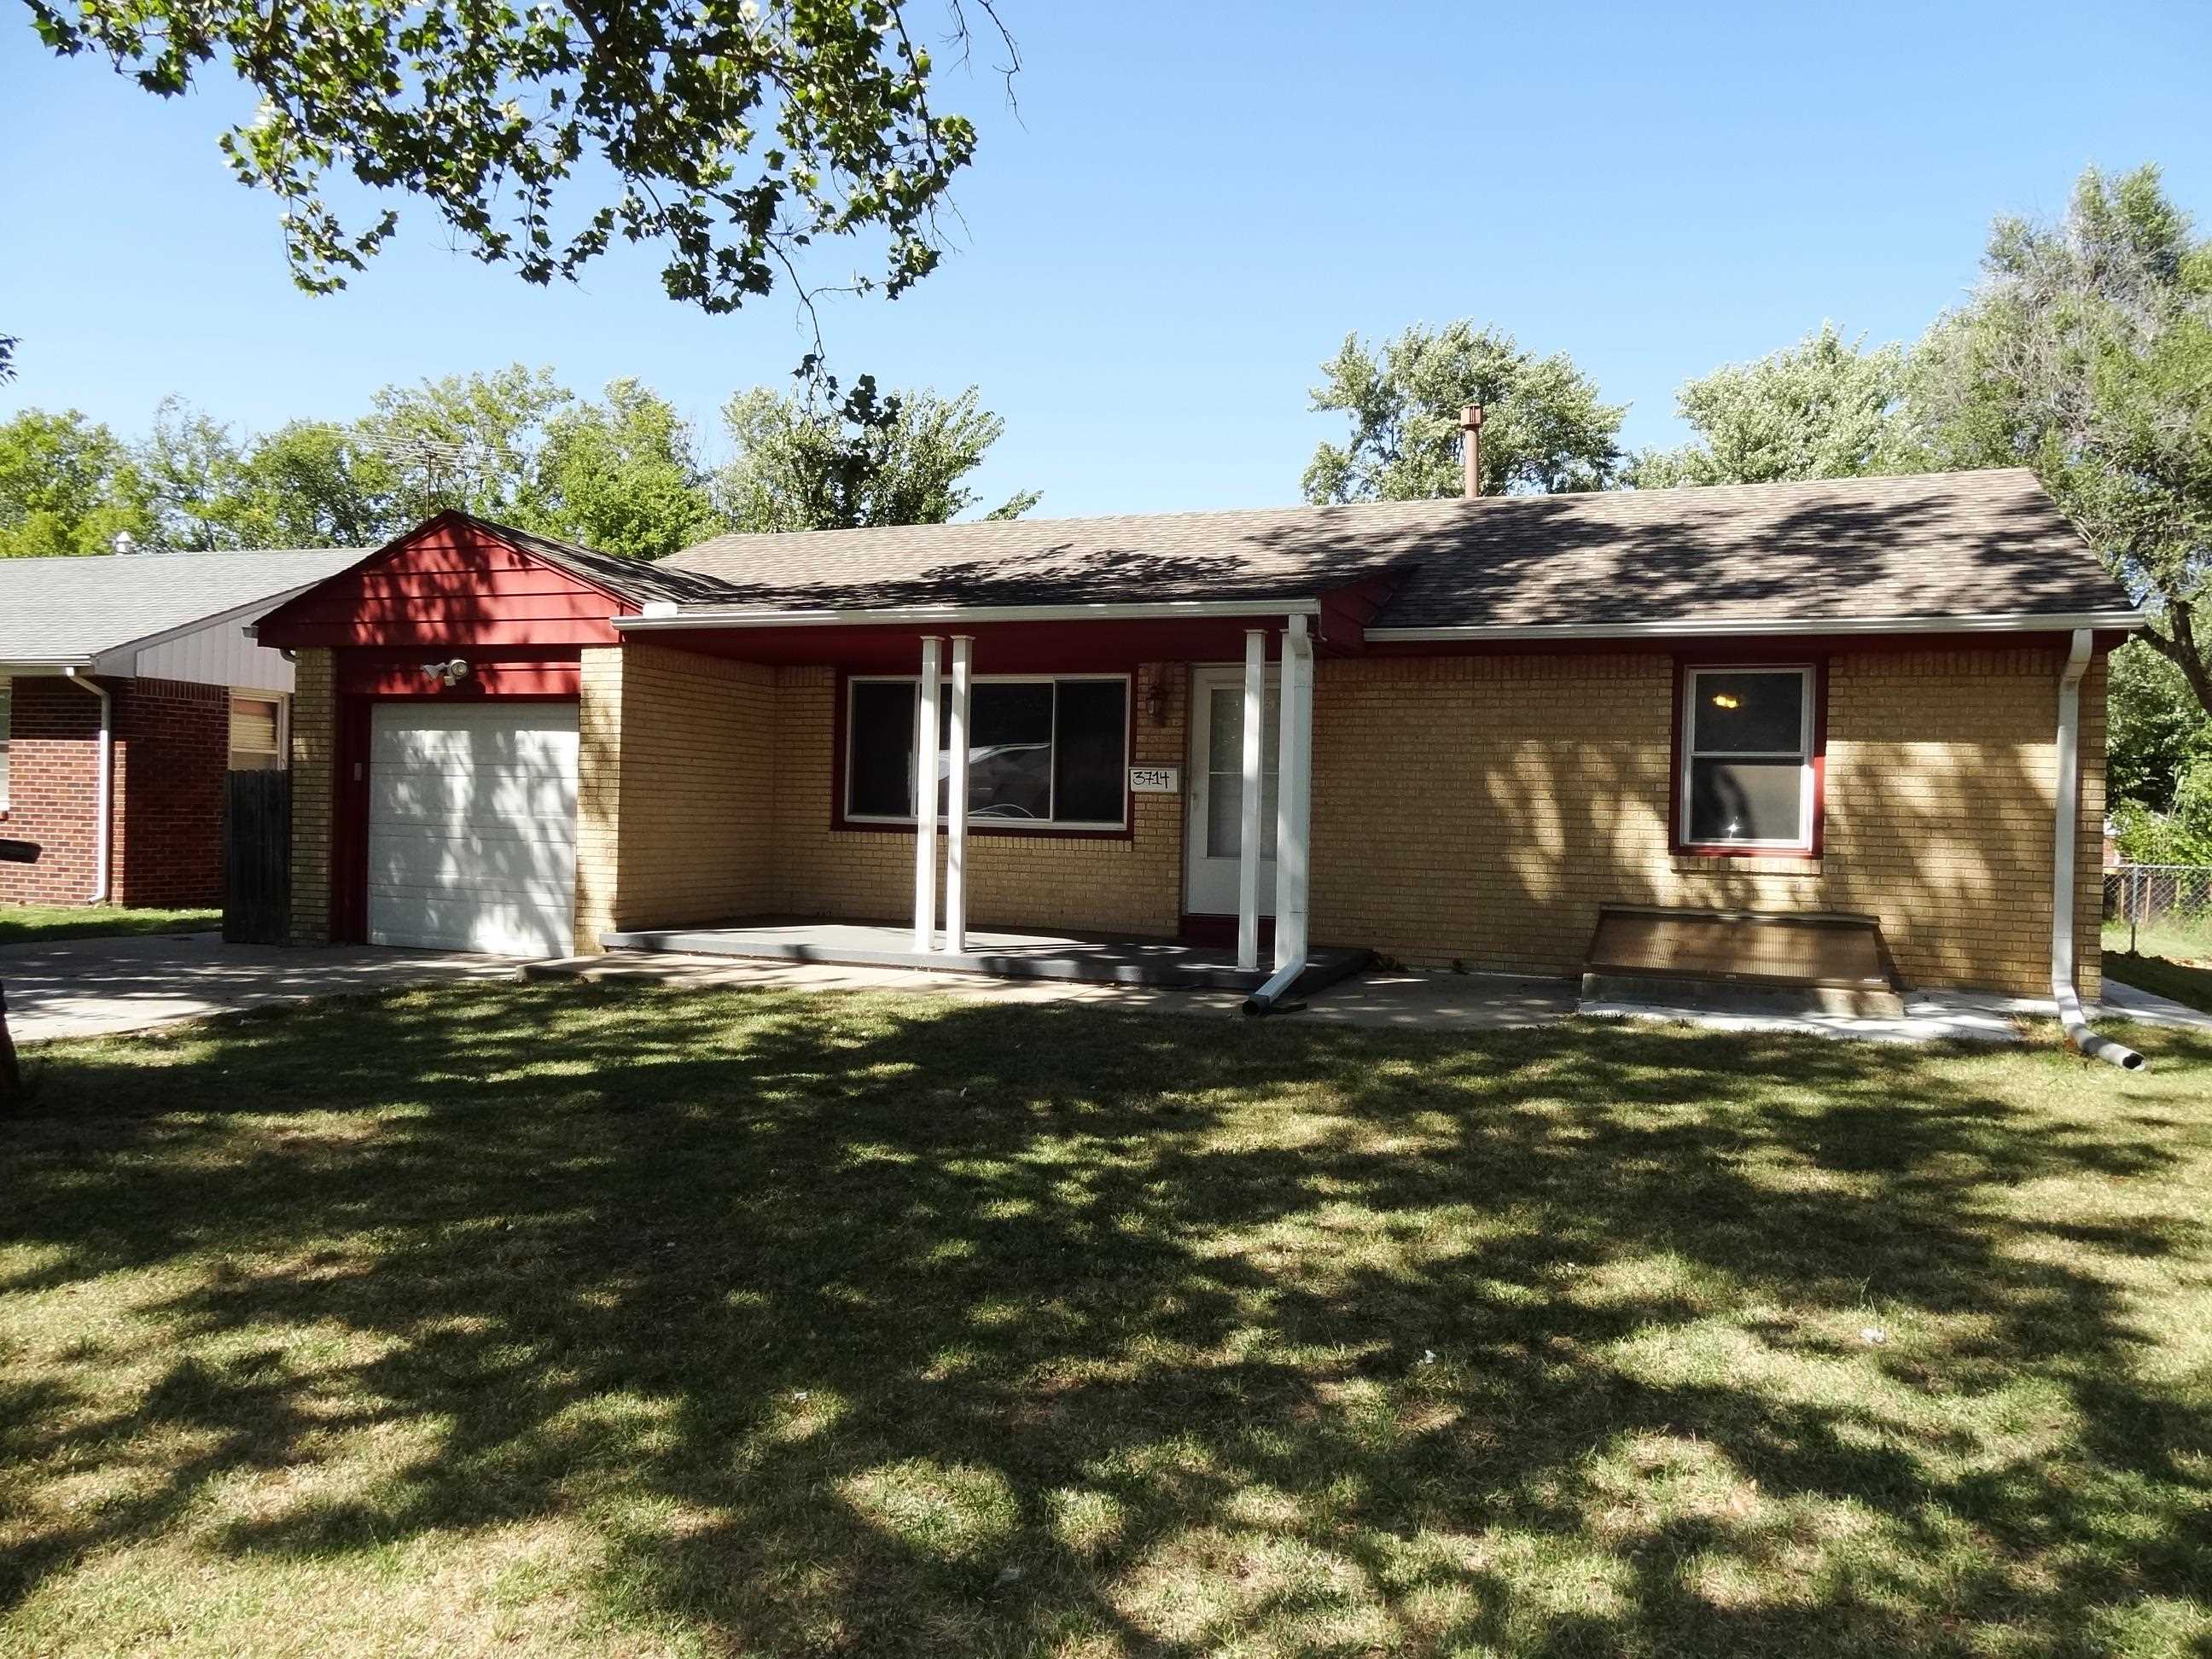 3714 Skinner St, Wichita, KS, 67218